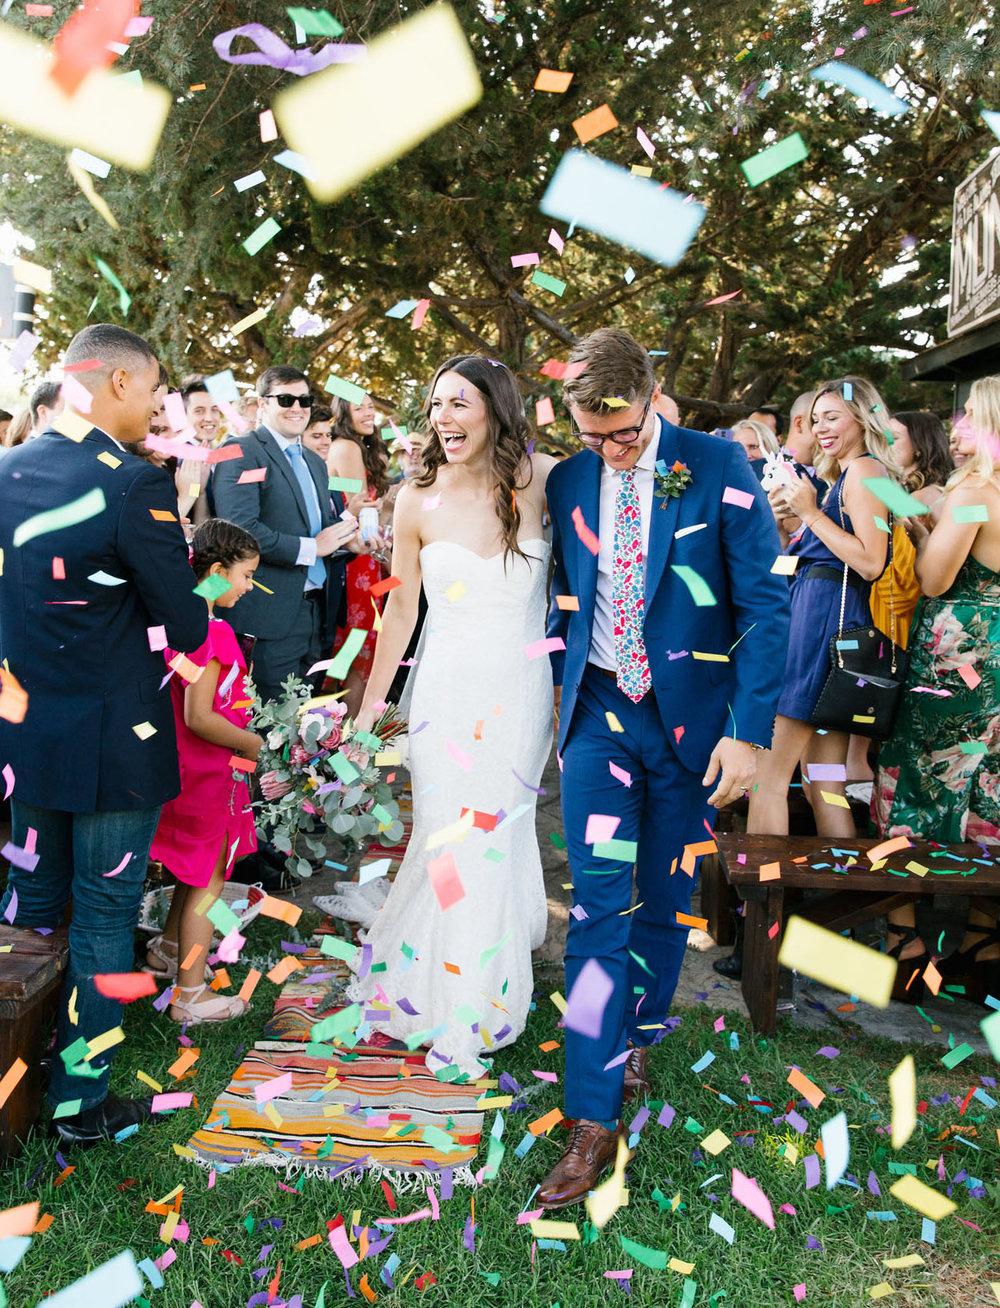 2sams-wedding-16.jpg